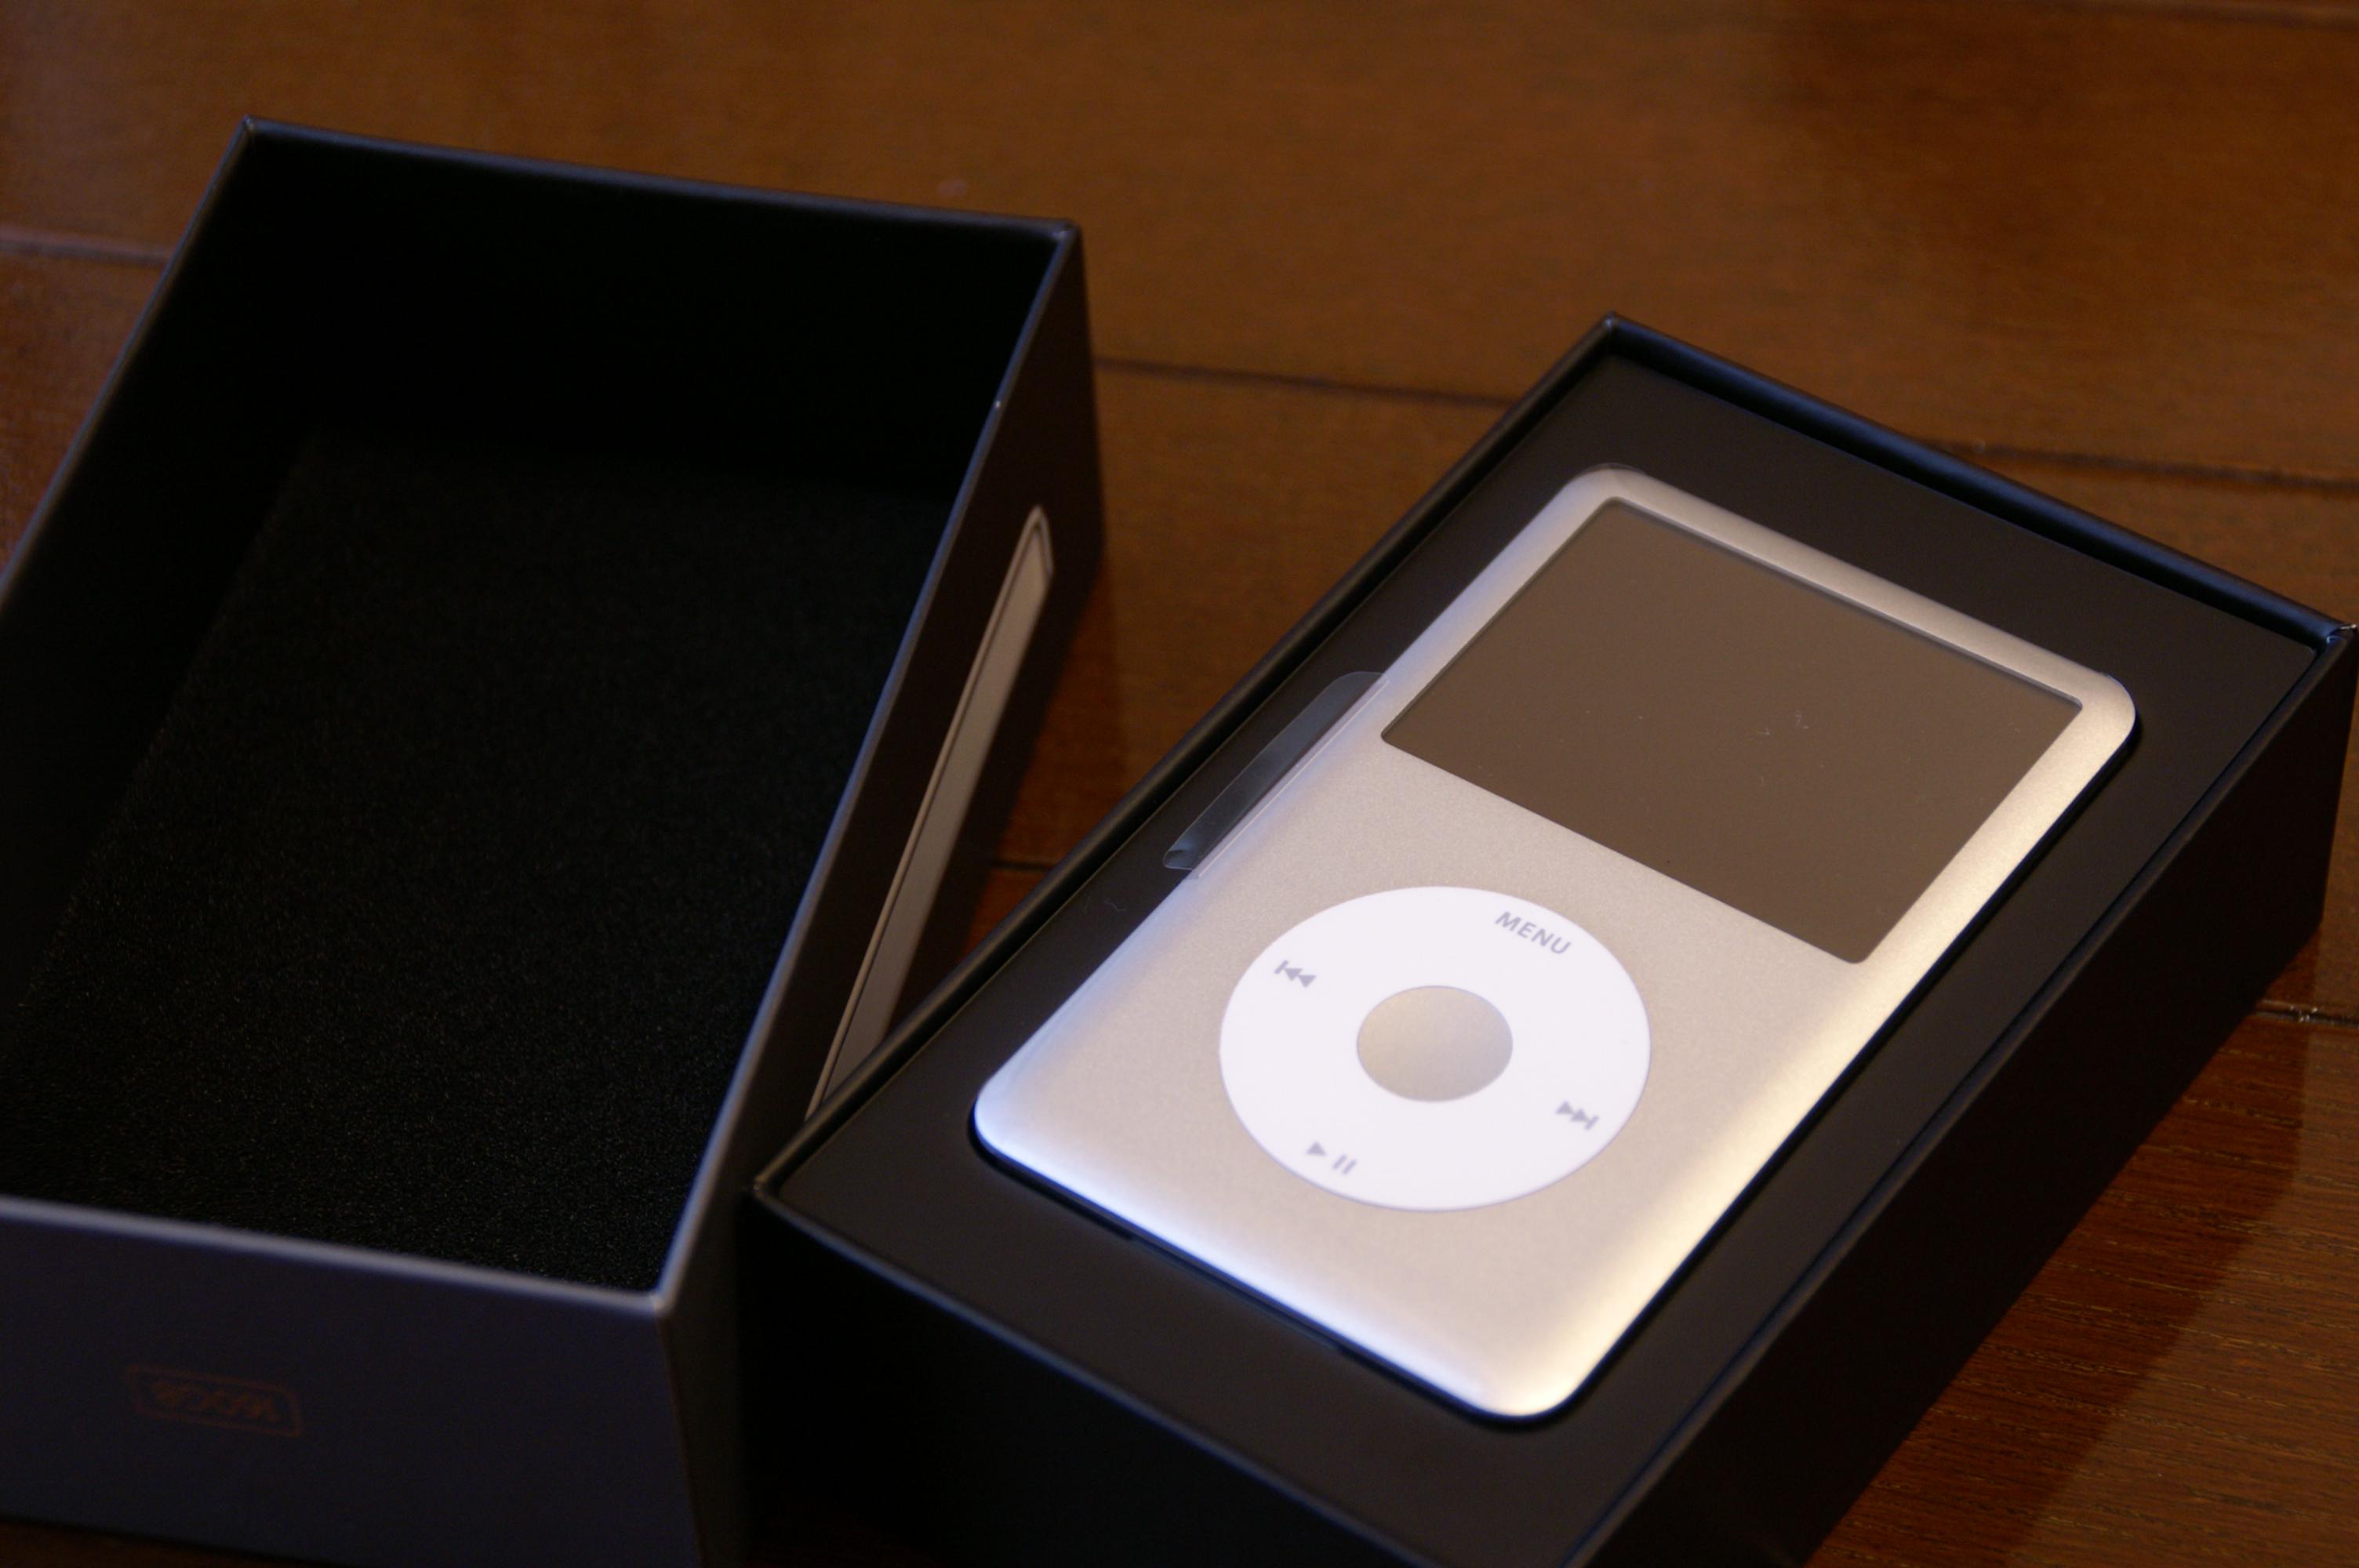 File:IPod classic silver 6G 160GB in box-2007-09-22.